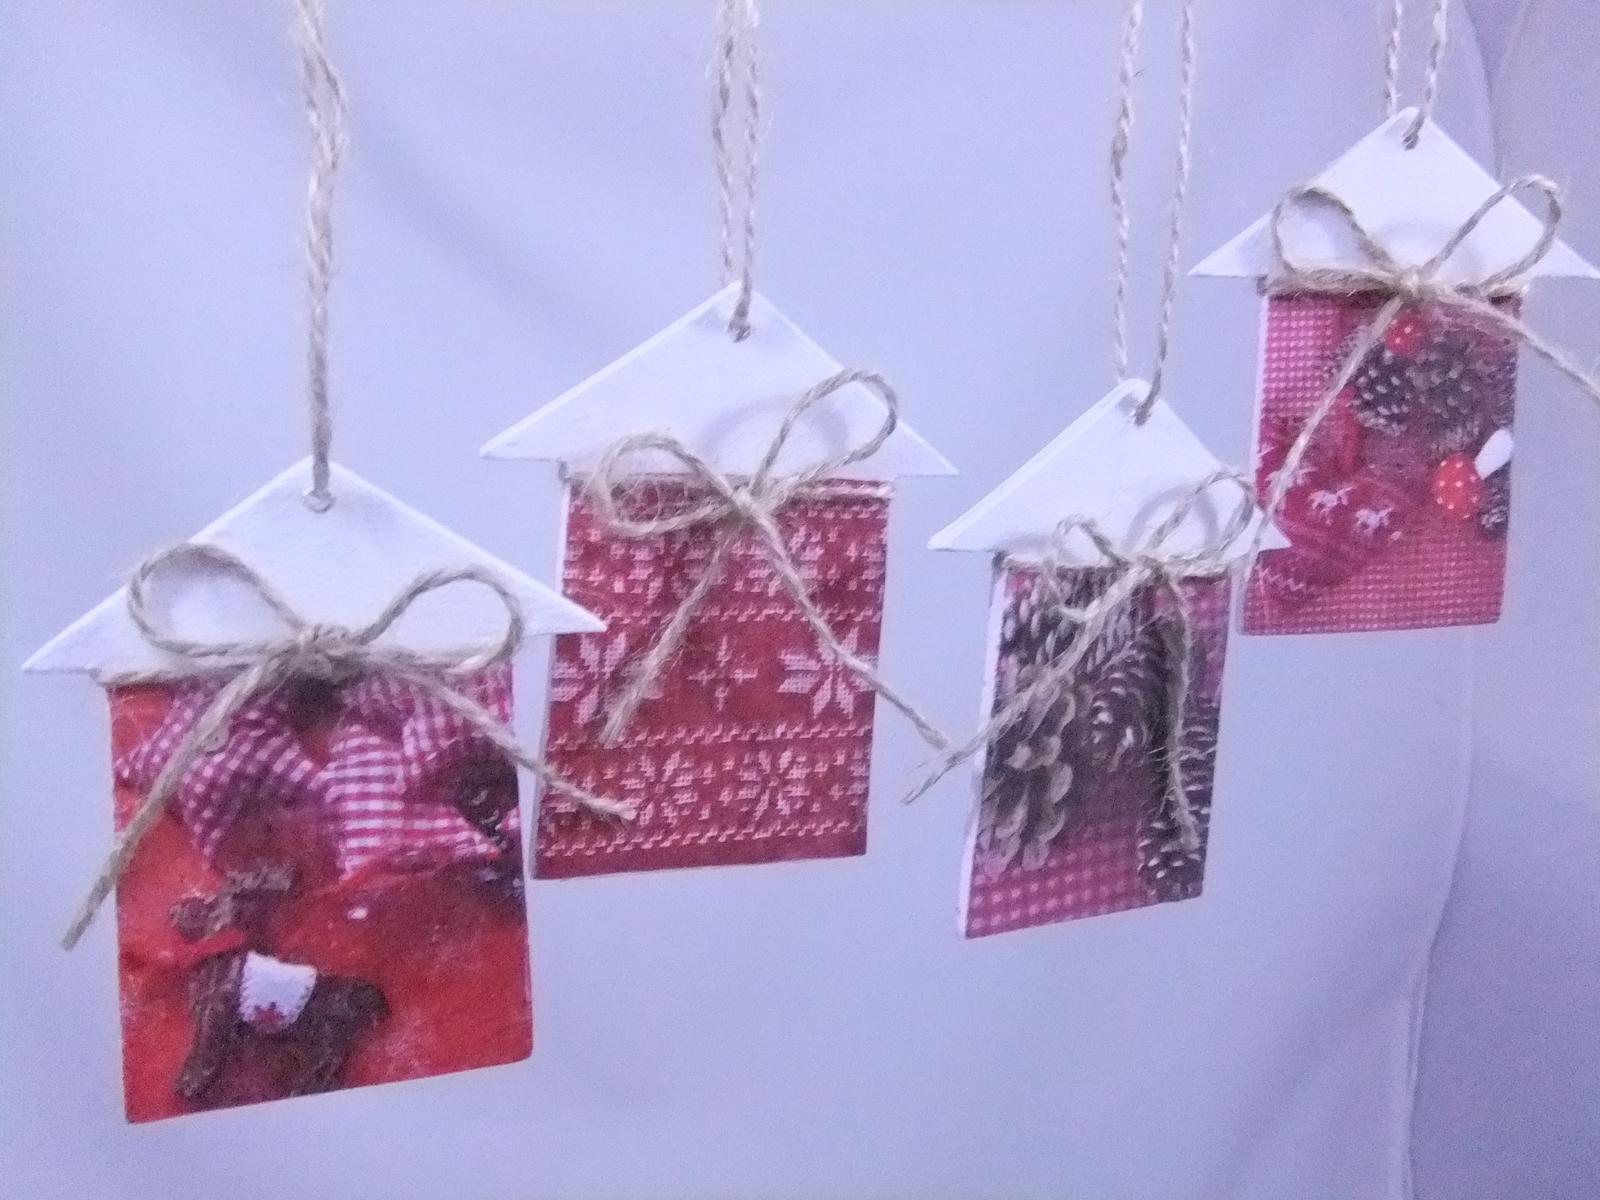 Vianočné domčeky,cena spolu za 4ks s poštovným - Obrázok č. 4